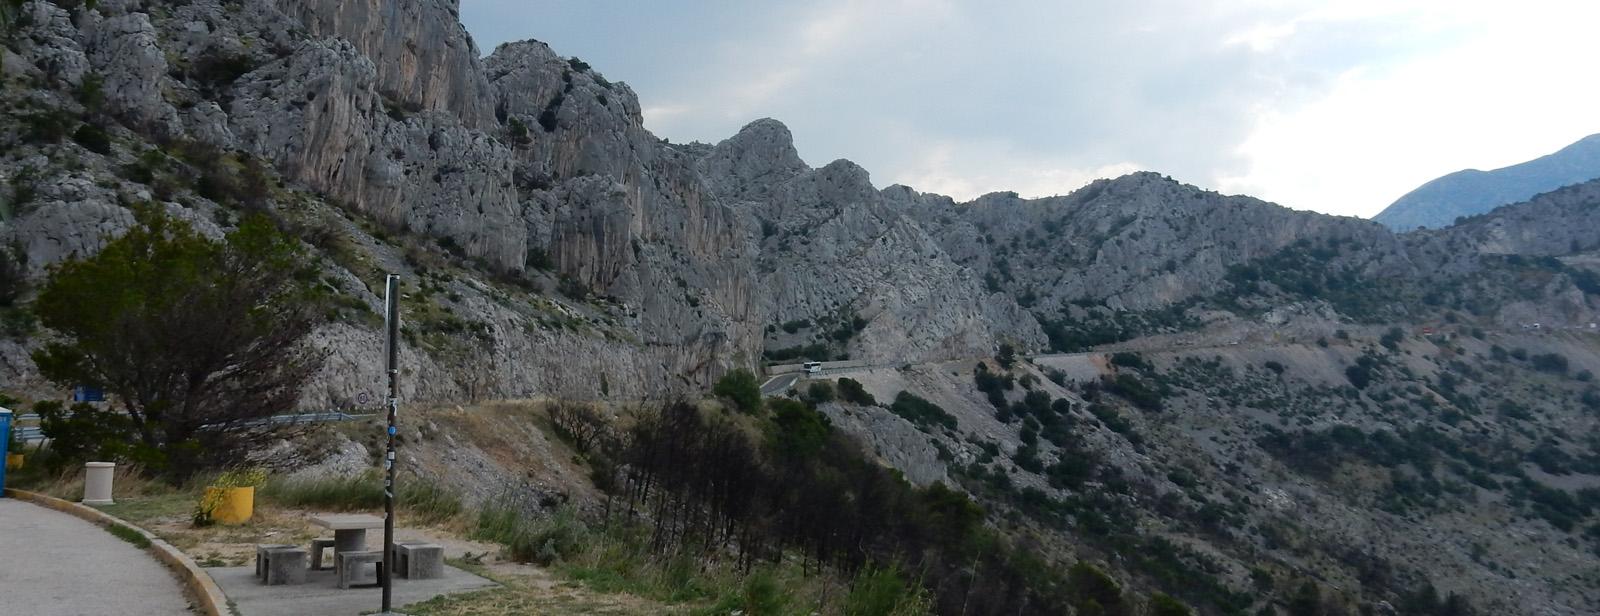 Von Trogir nach Dubrovnik - Kurvige Küste